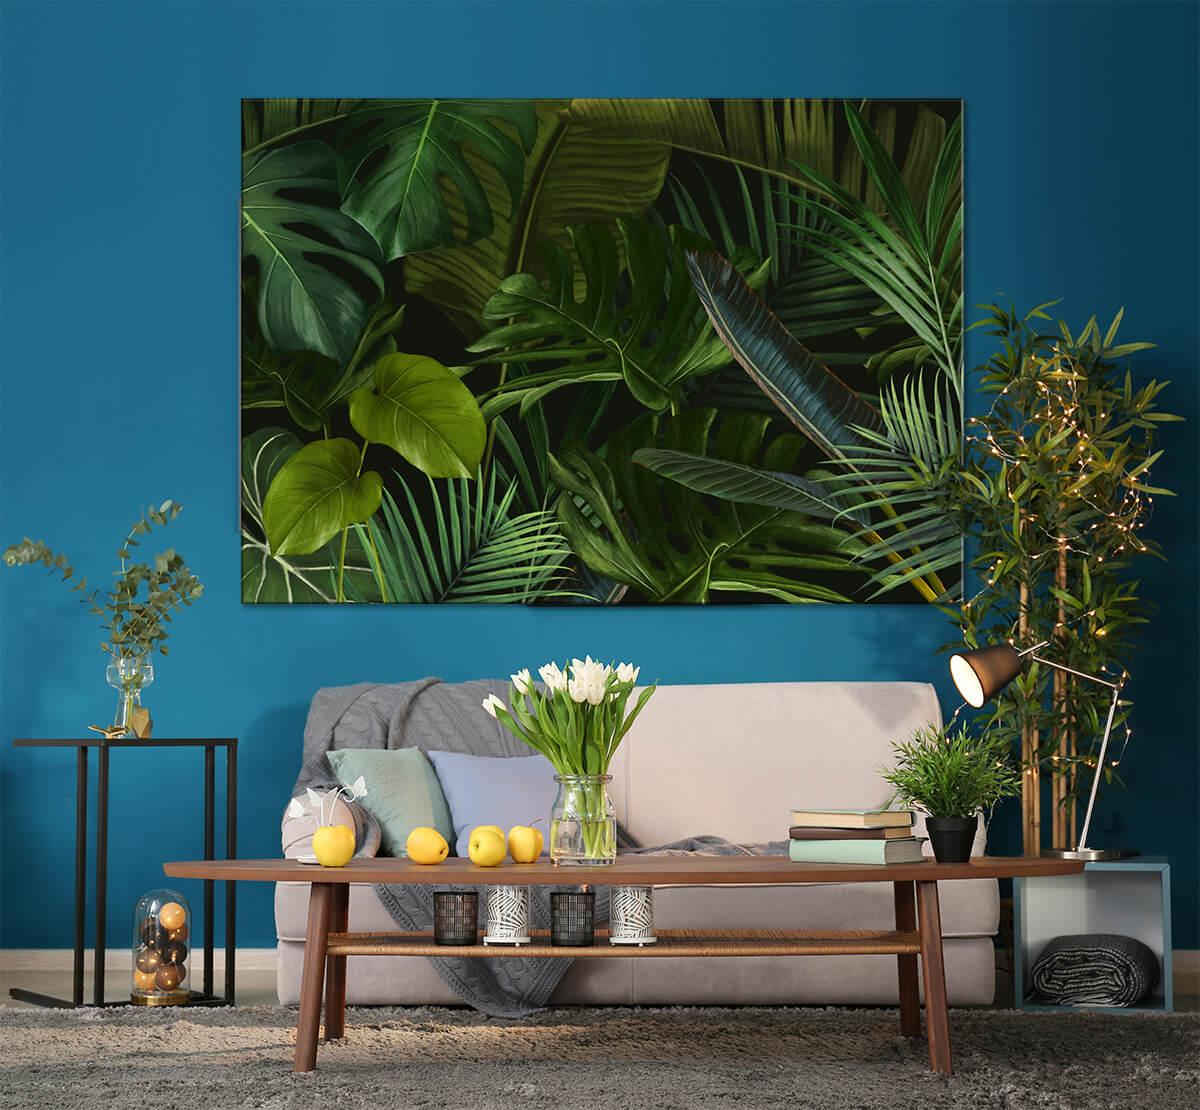 Nowocześnie urządzony salon z roślinami obraz na ścianę w palmy